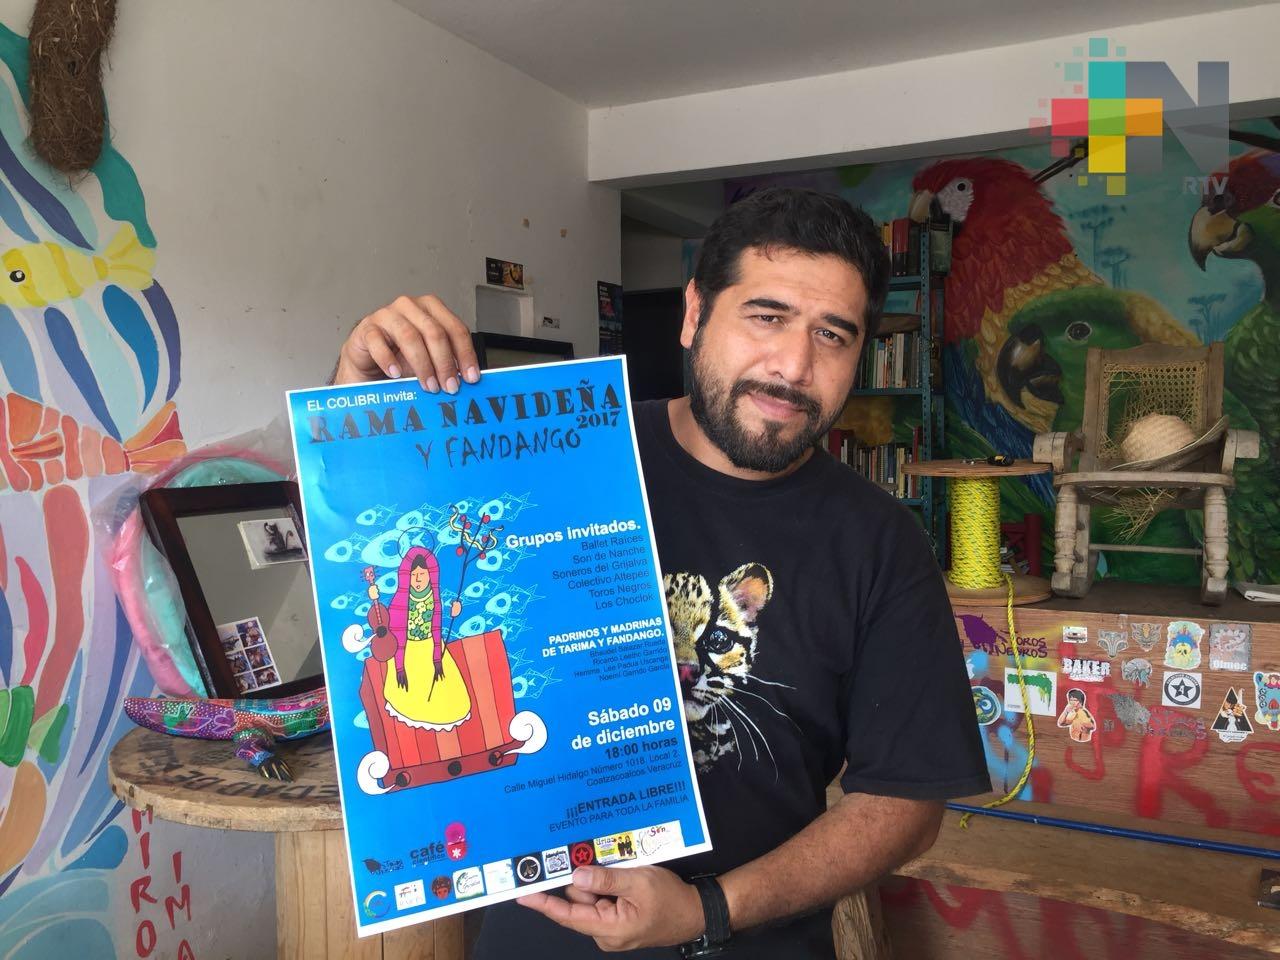 En Coatzacoalcos celebrarán la rama navideña y fandango